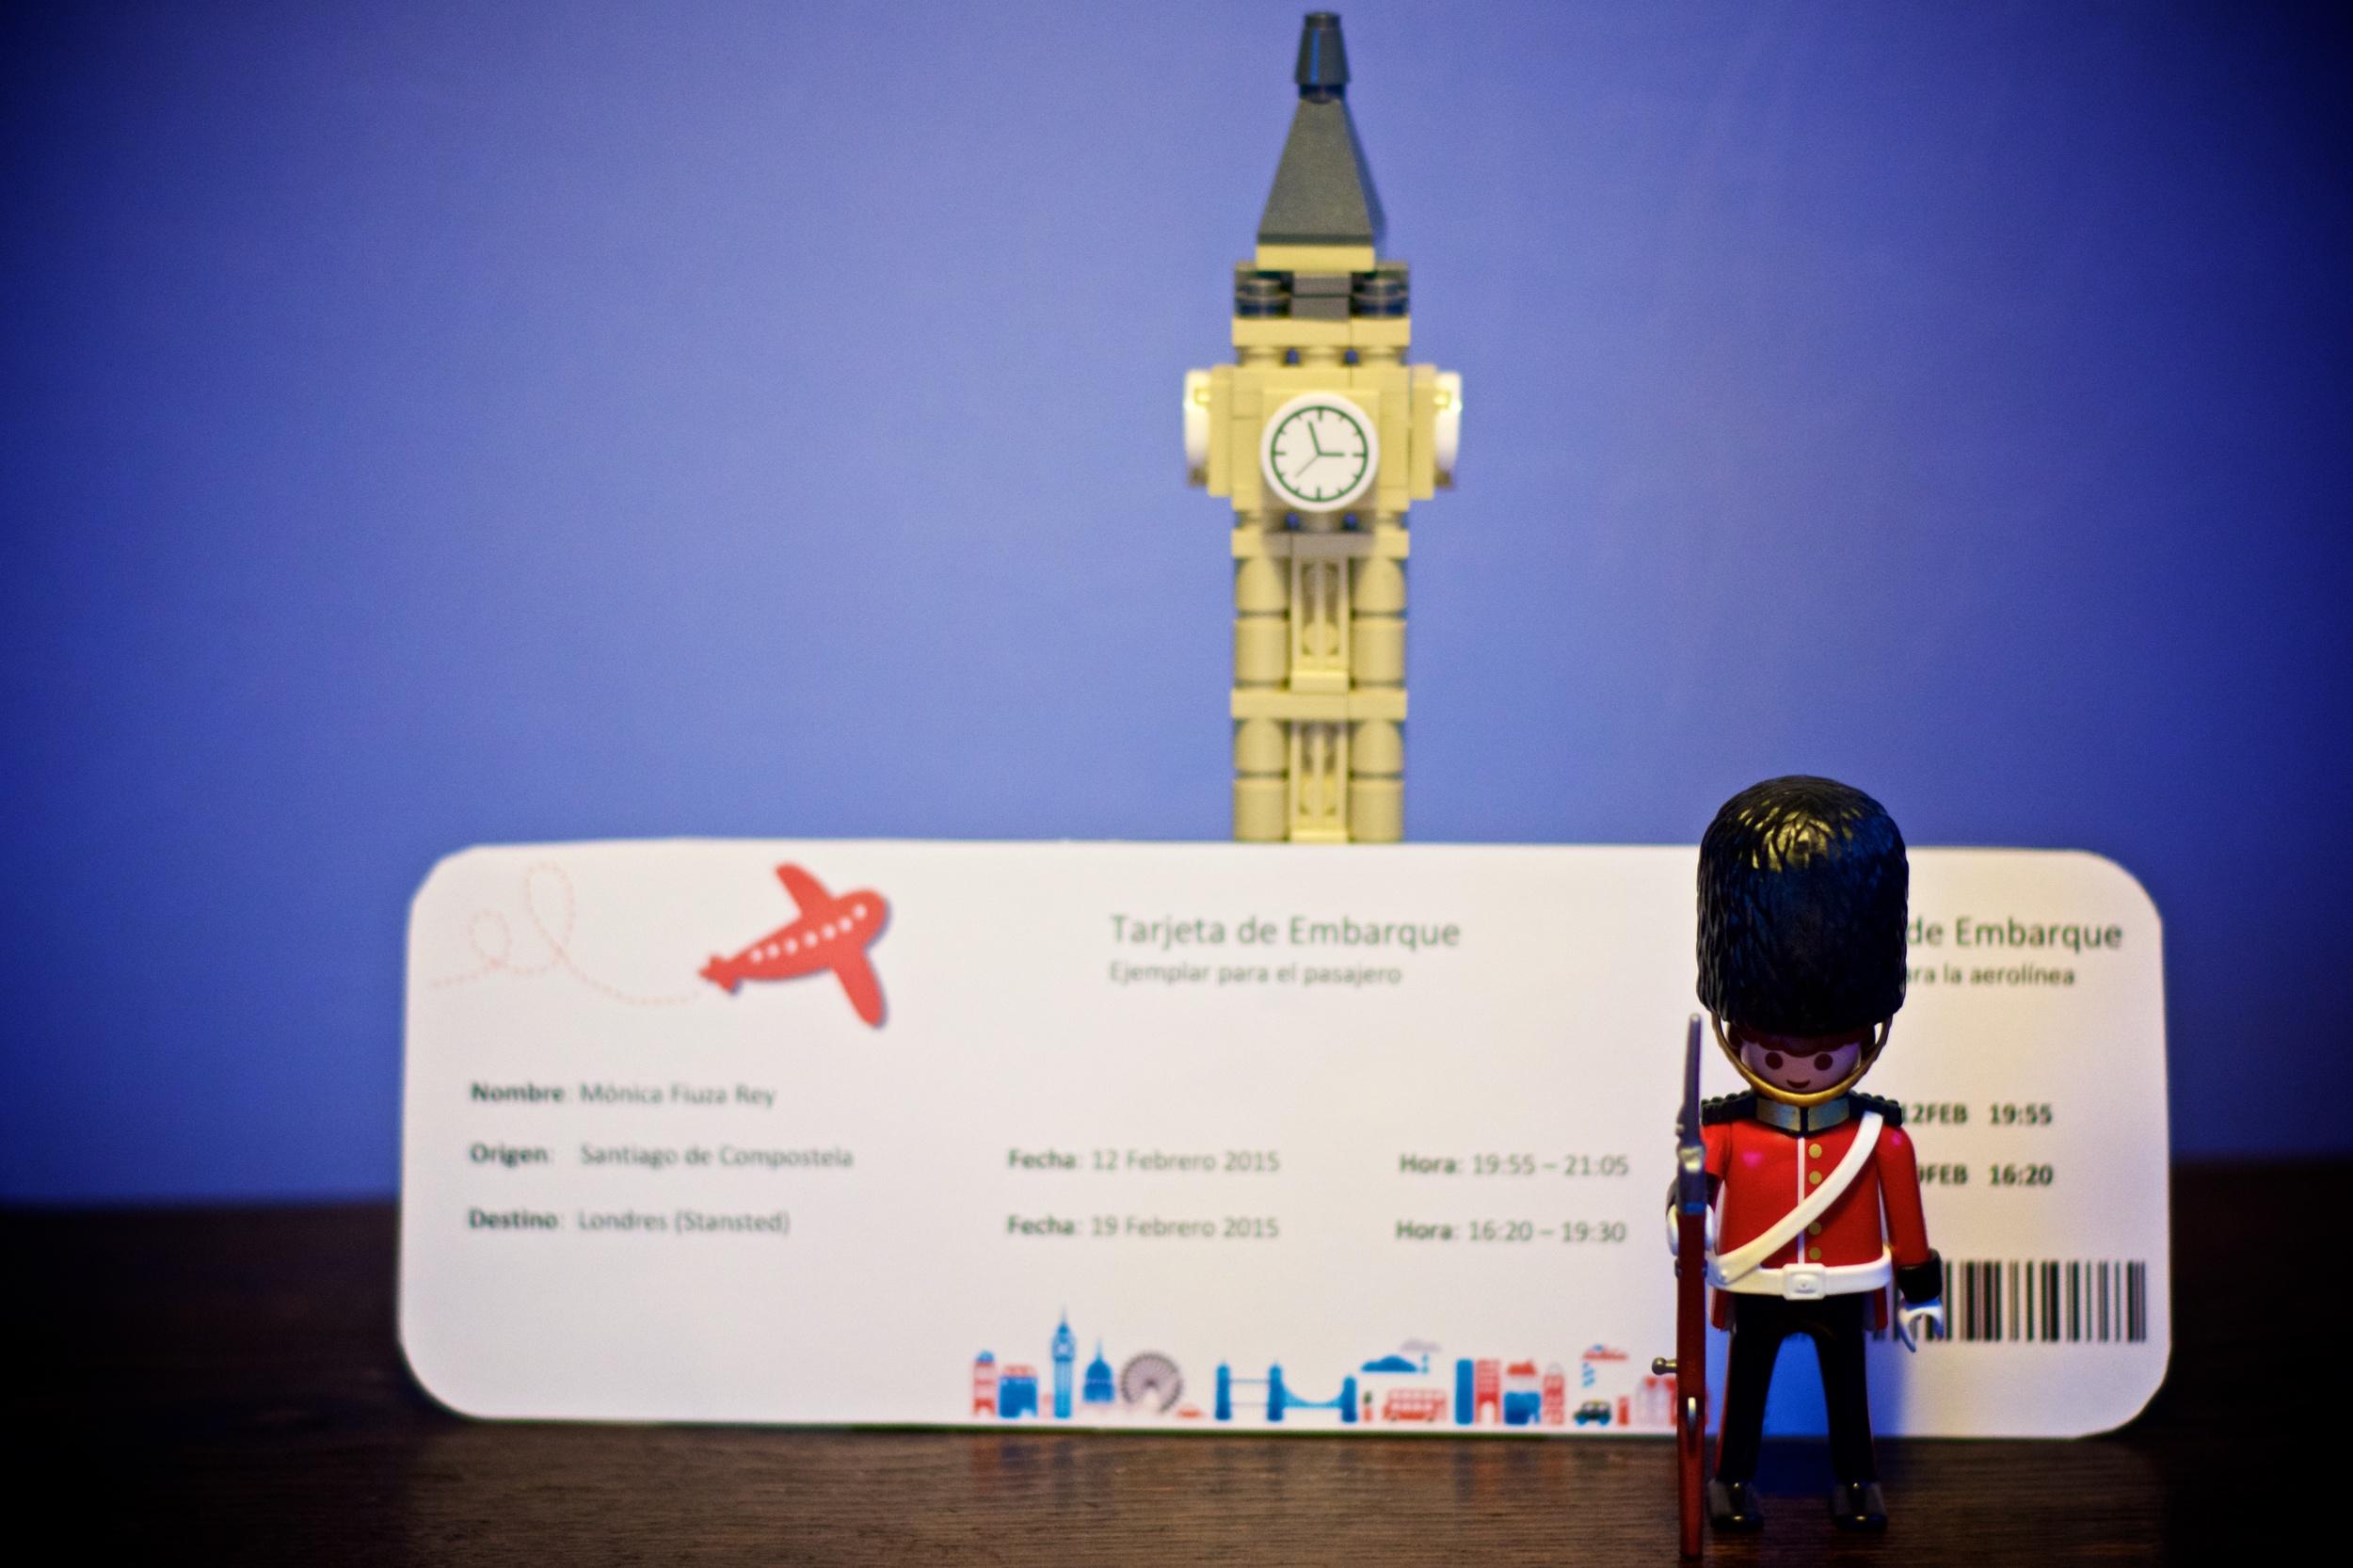 Tarjeta embarque Londres